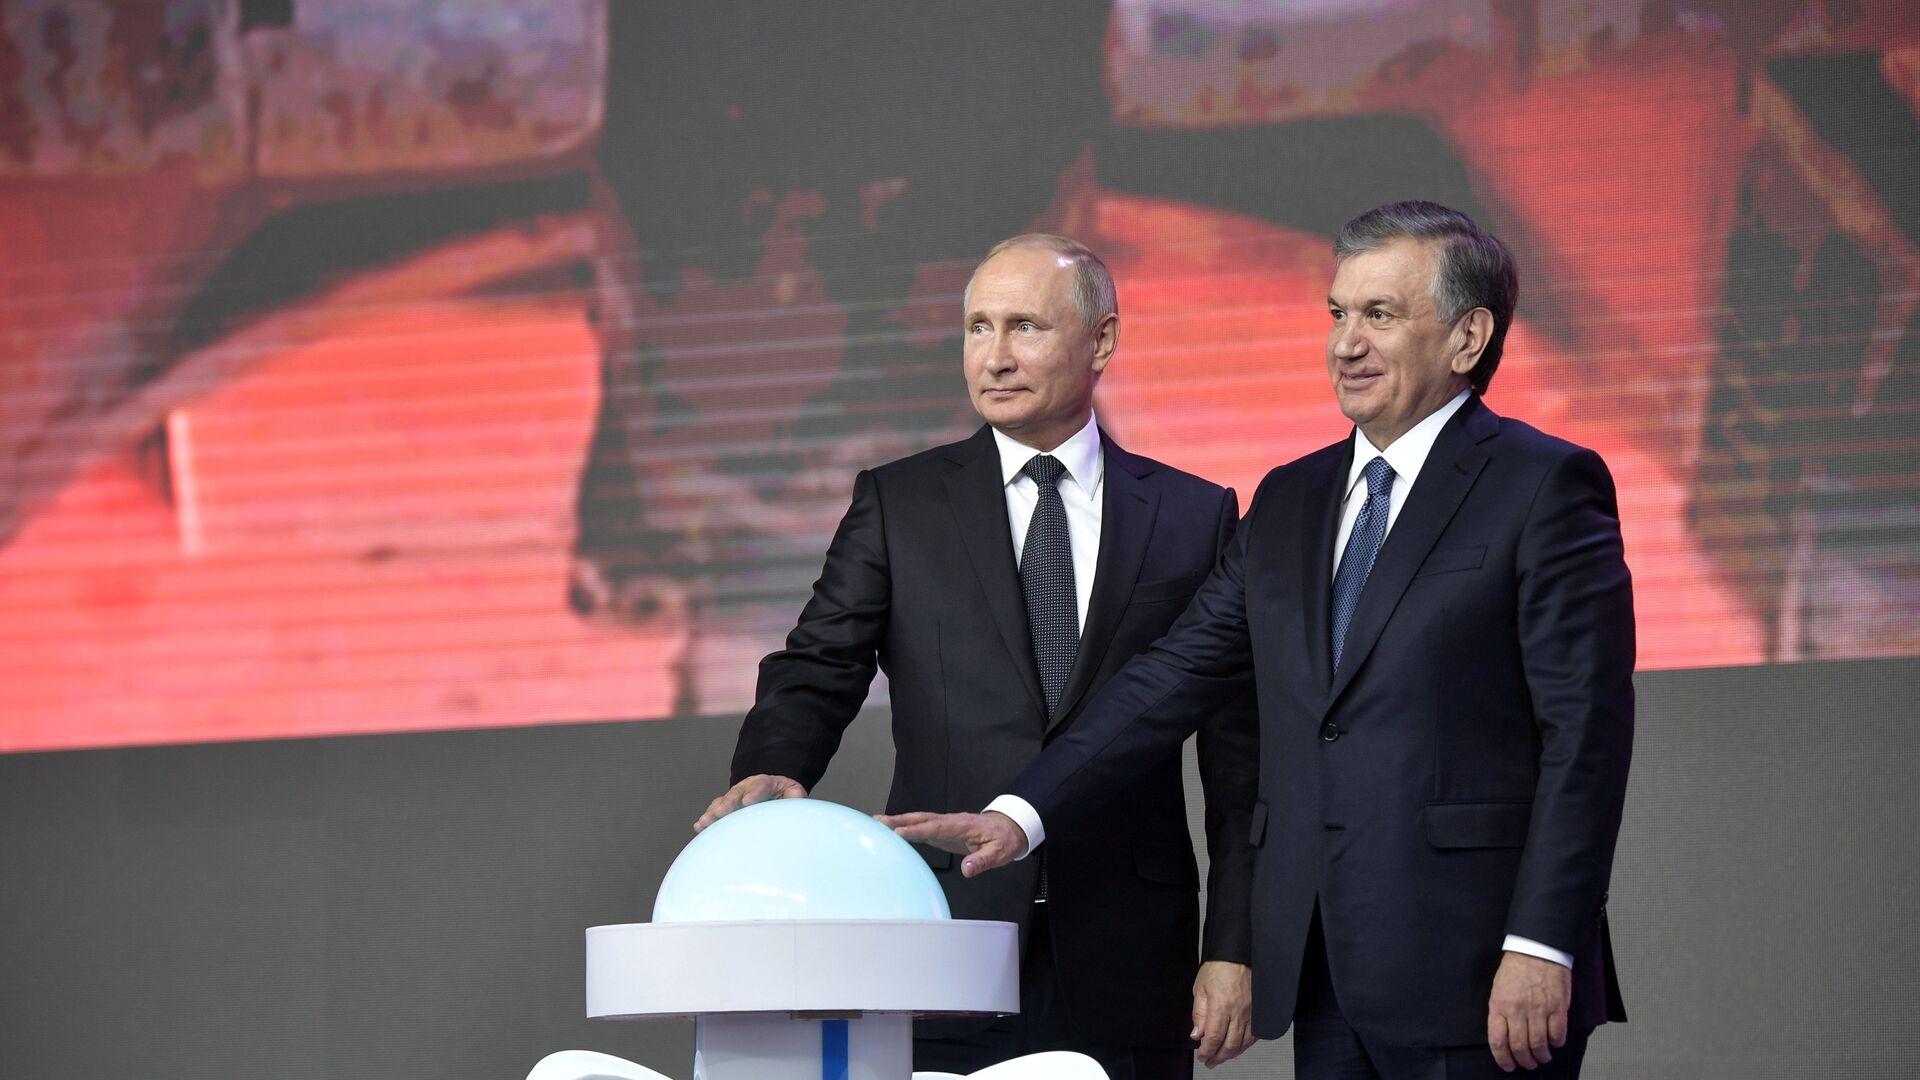 El presidente de Rusia, Vladímir Putin y el presidente de Uzbekistán, Shavkat Mirziyoyev - Sputnik Mundo, 1920, 24.07.2021